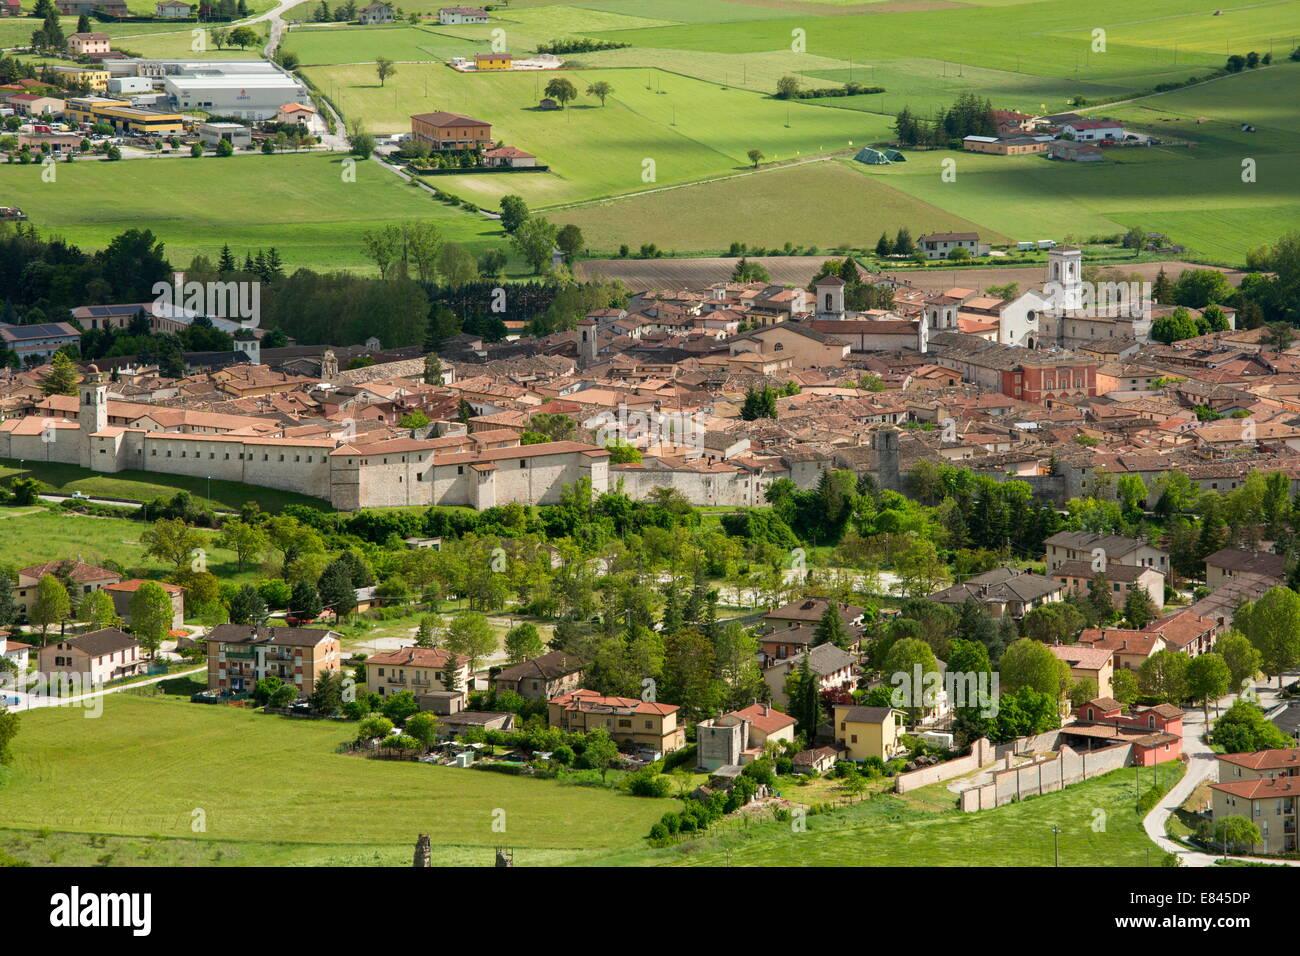 La ville médiévale fortifiée de Norcia, ci-dessous de Monti Sibillini, Apennins, en Italie. Photo Stock